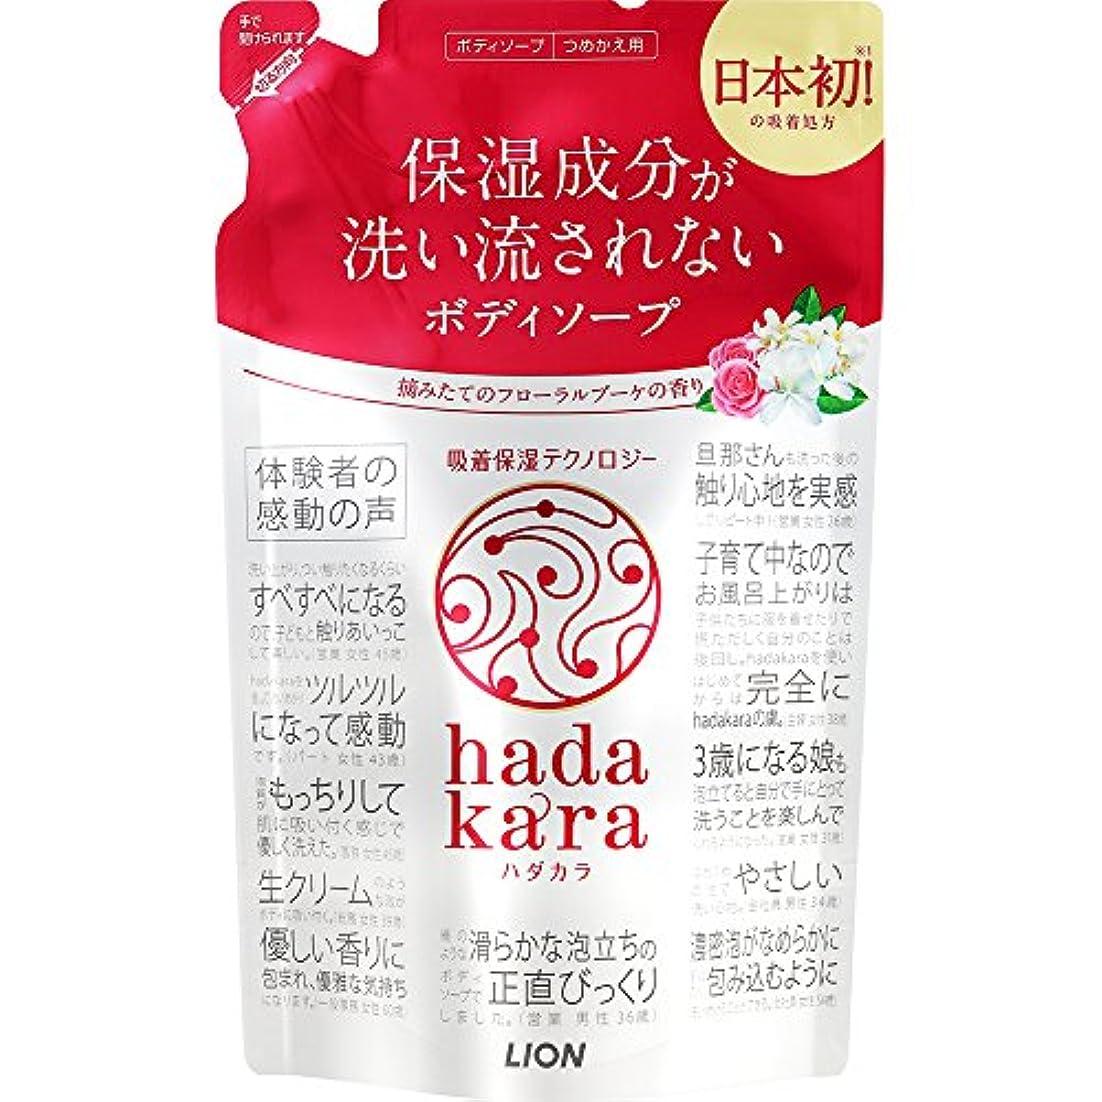 著名な飢えた最終hadakara(ハダカラ) ボディソープ フローラルブーケの香り 詰め替え 360ml